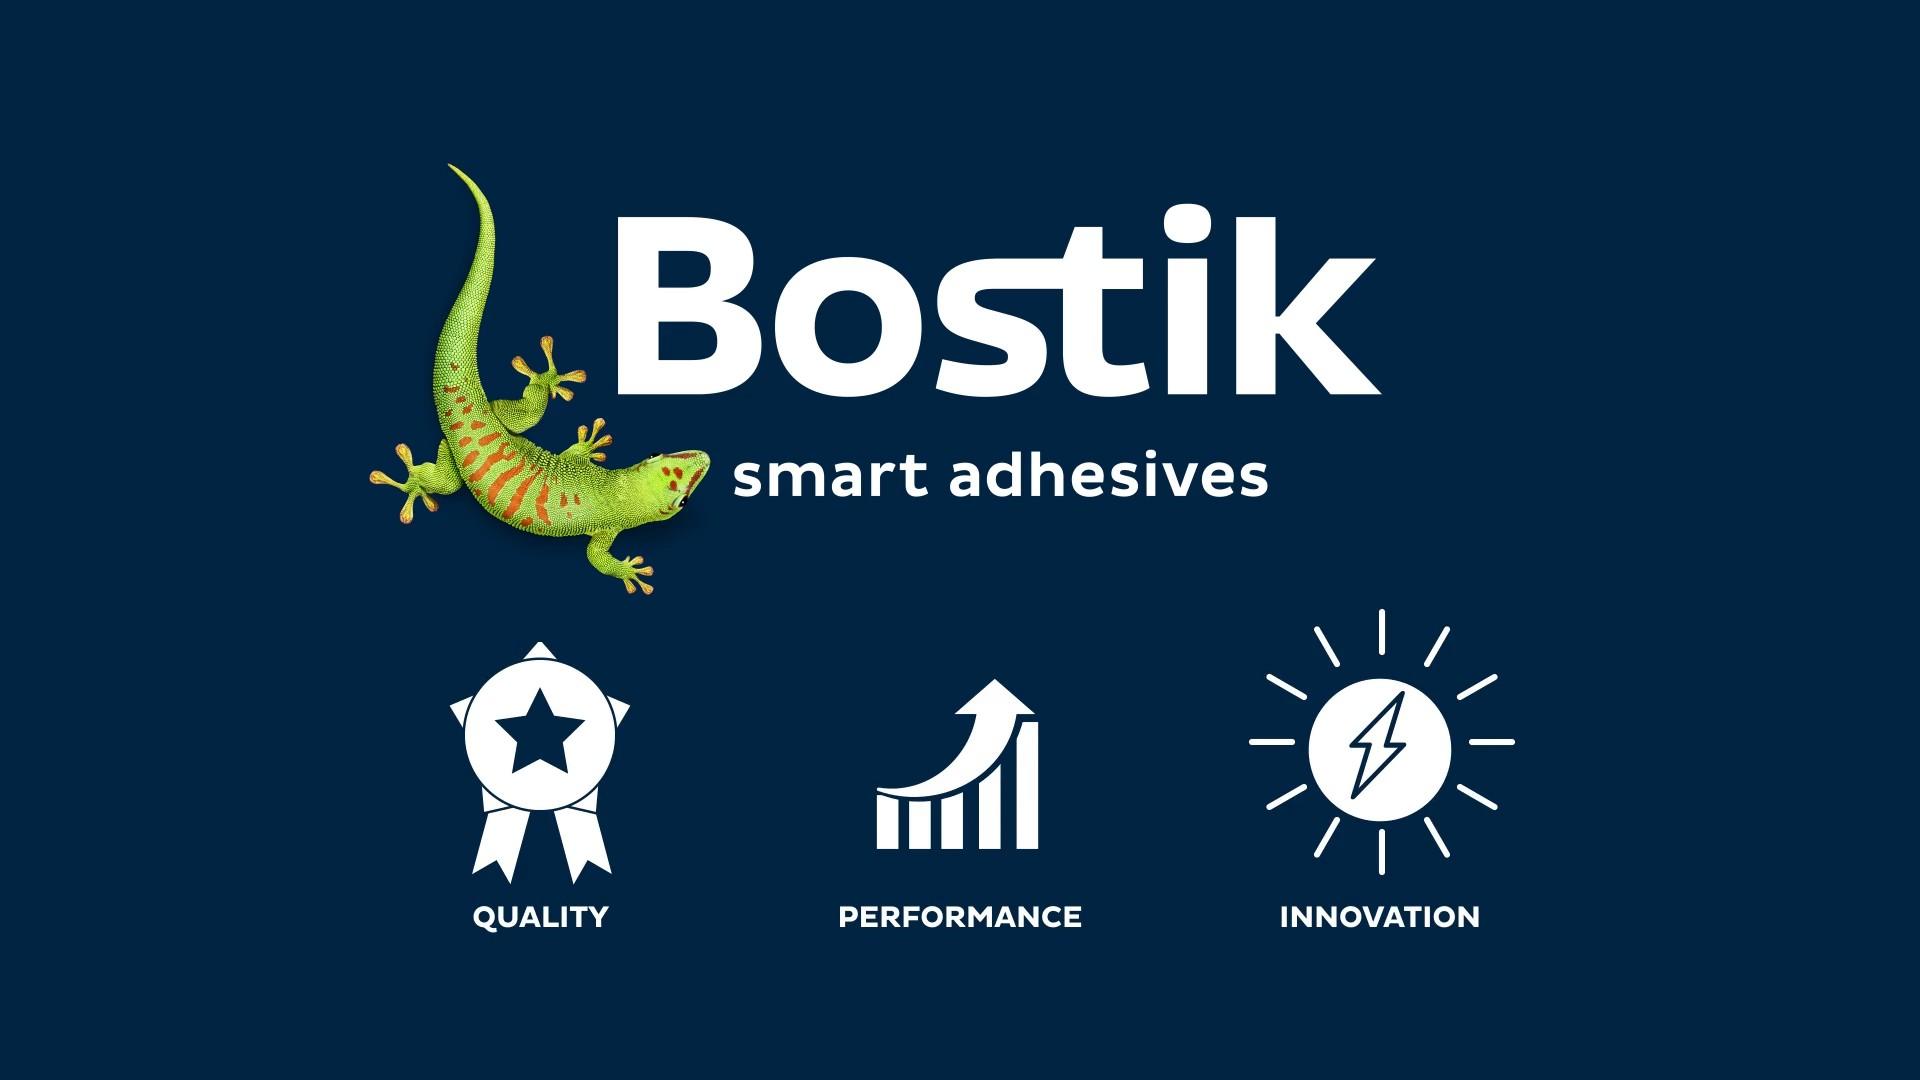 logo bostik et icones qualité performance et innovation